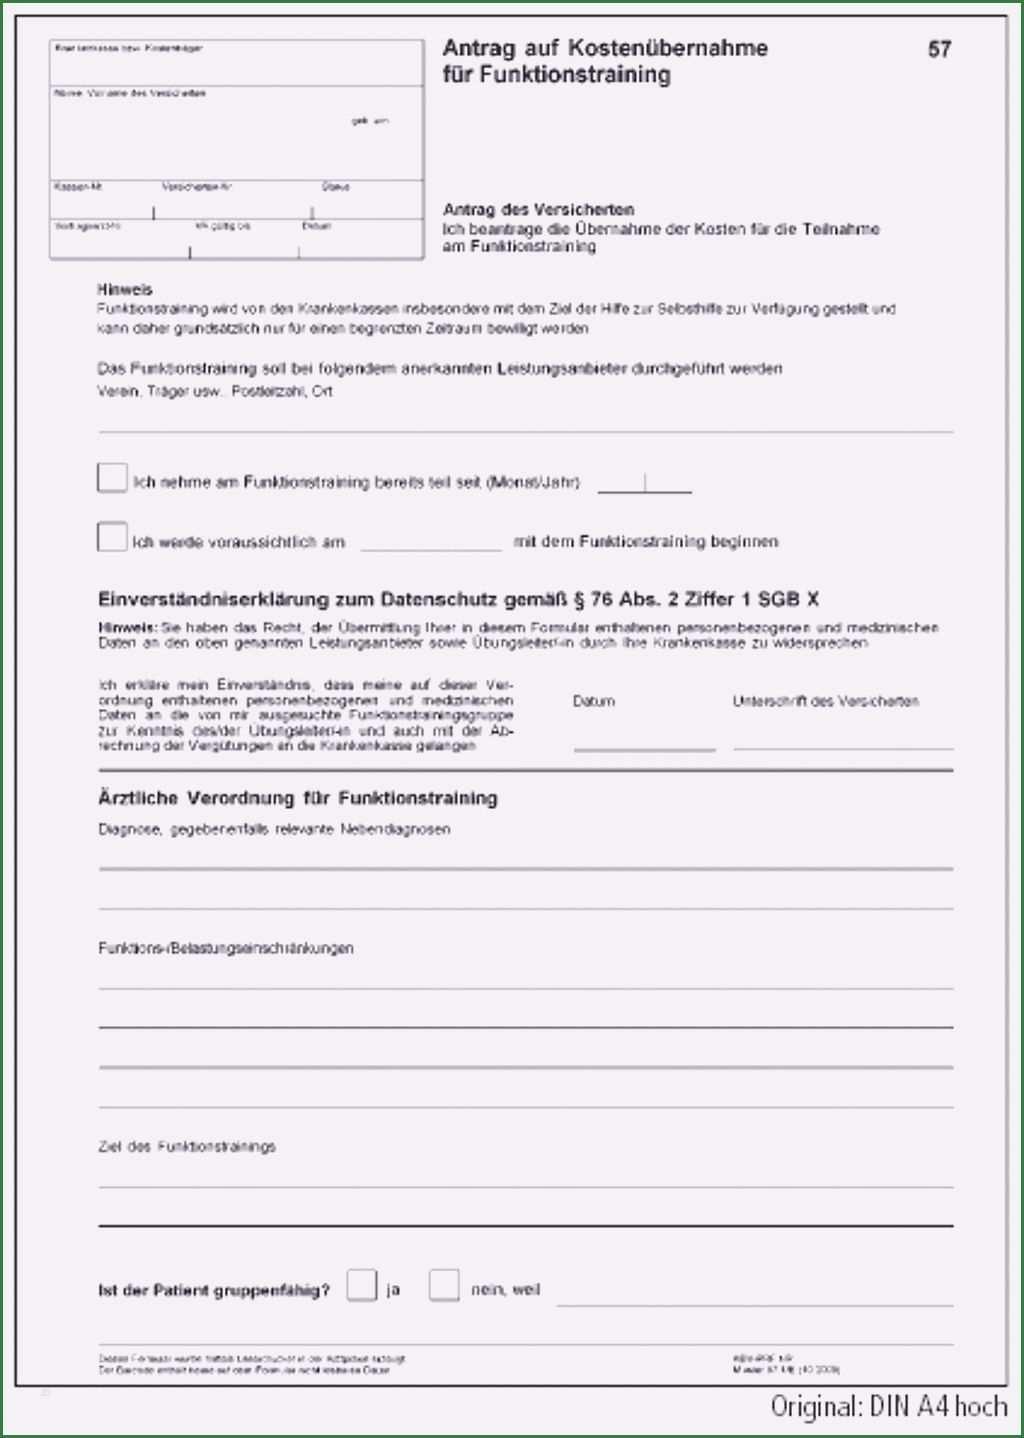 30 Bewundernswert Abrechnung Krankenkasse Vorlage Foto Briefkopf Vorlage Vorlagen Kundigung Schreiben